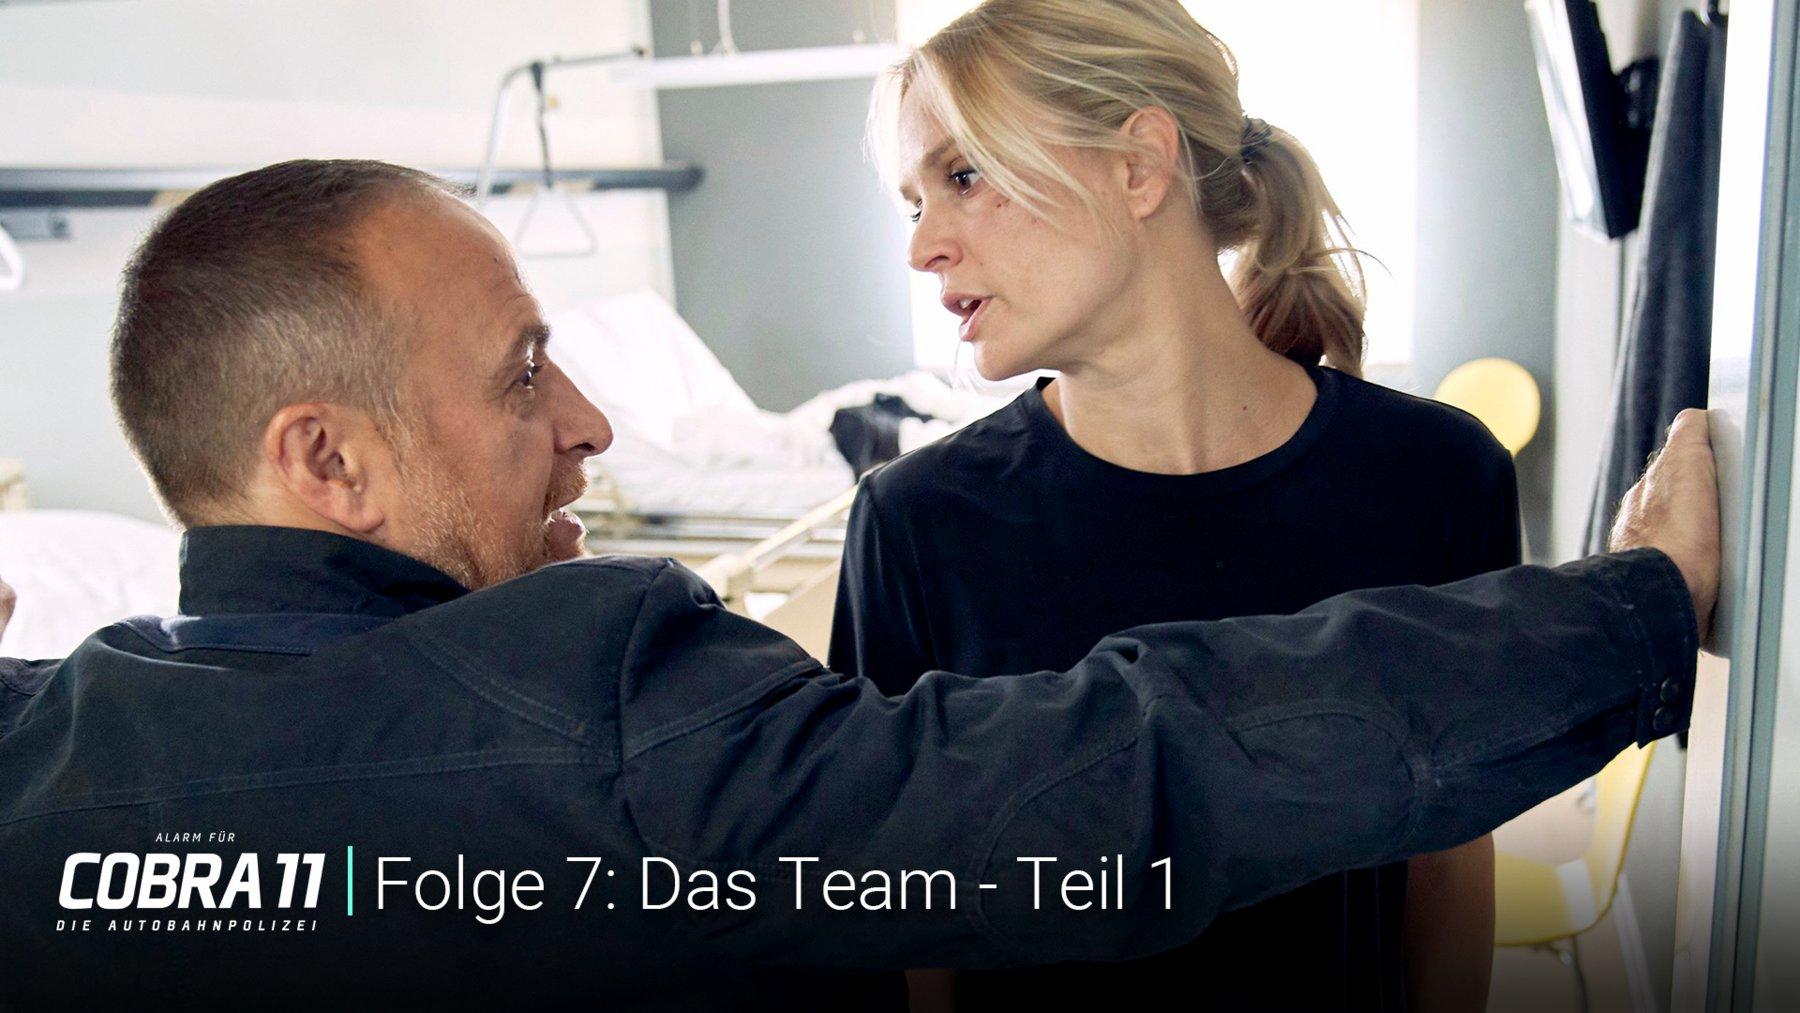 Folge 7 - Das Team 1